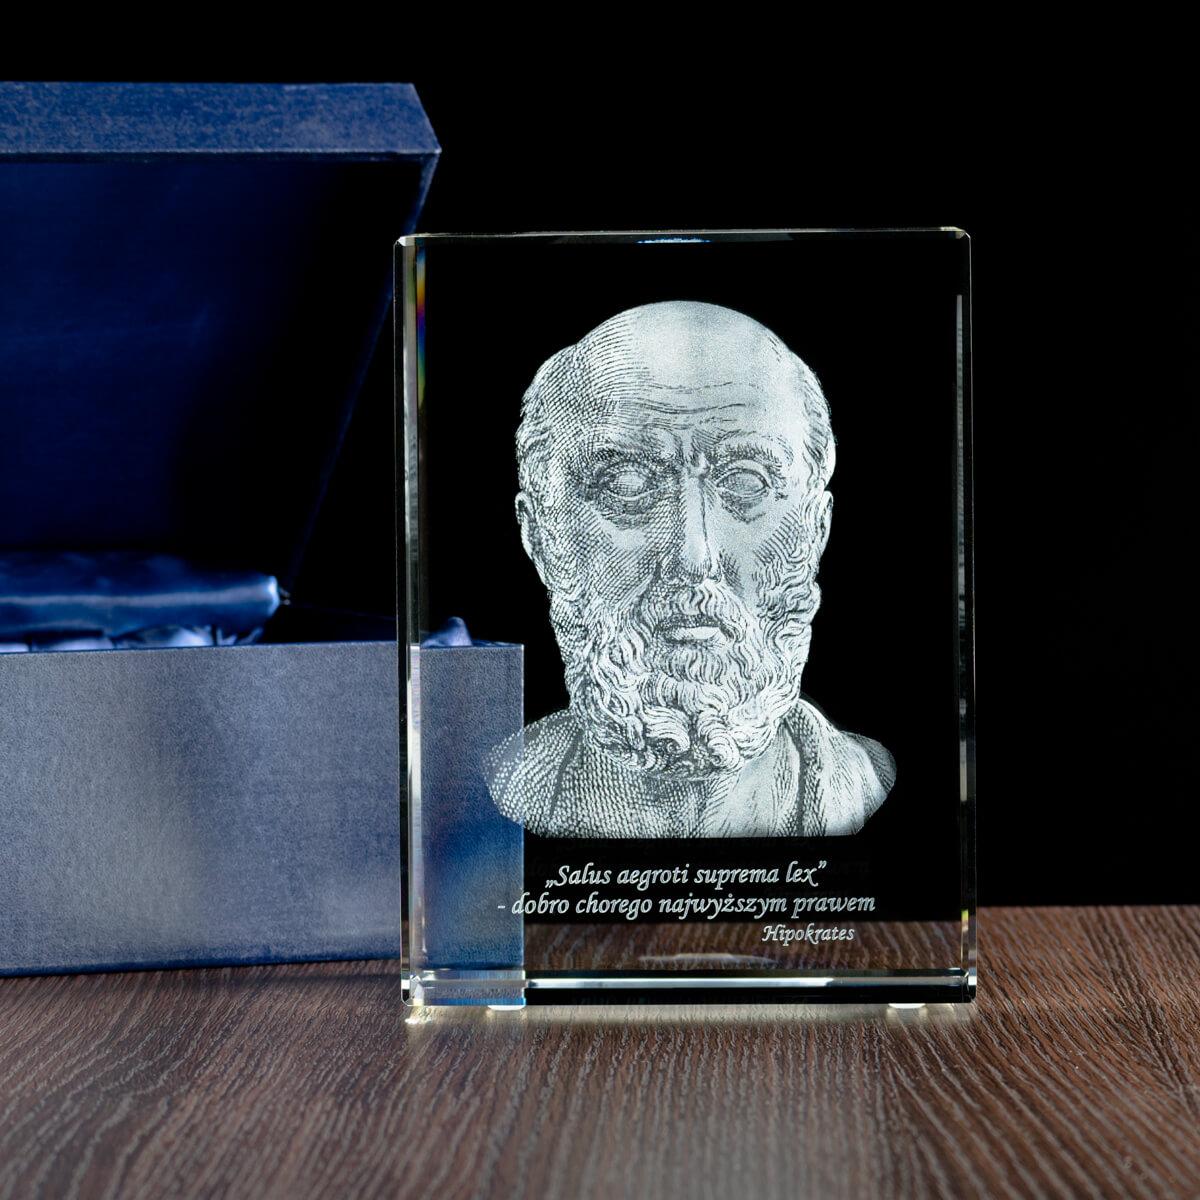 Rzeźba hipokratesa w krysztale - pamiątka uzyskania tytułu